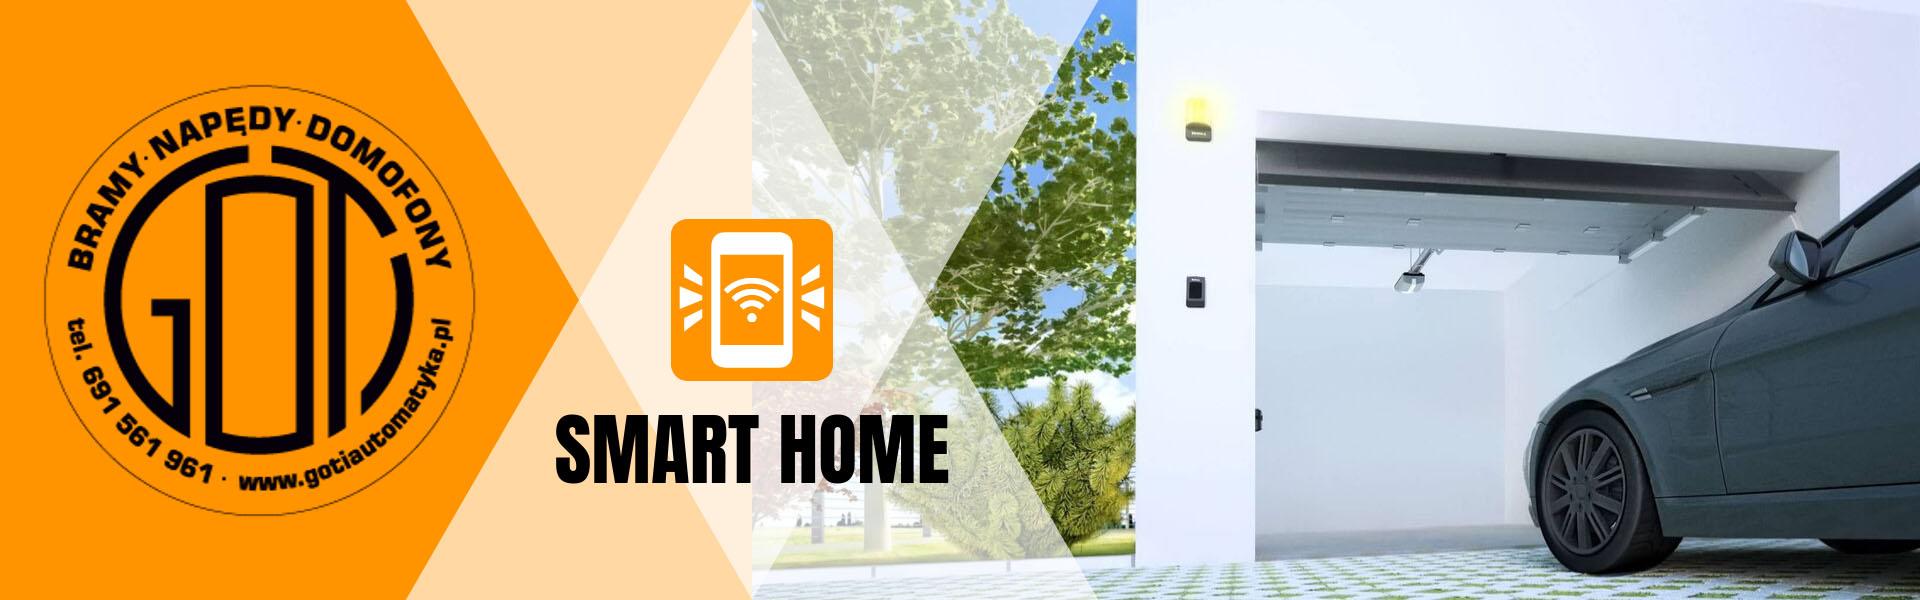 smart home kielce, napęd do bramy przesuwnej świętokrzyskie